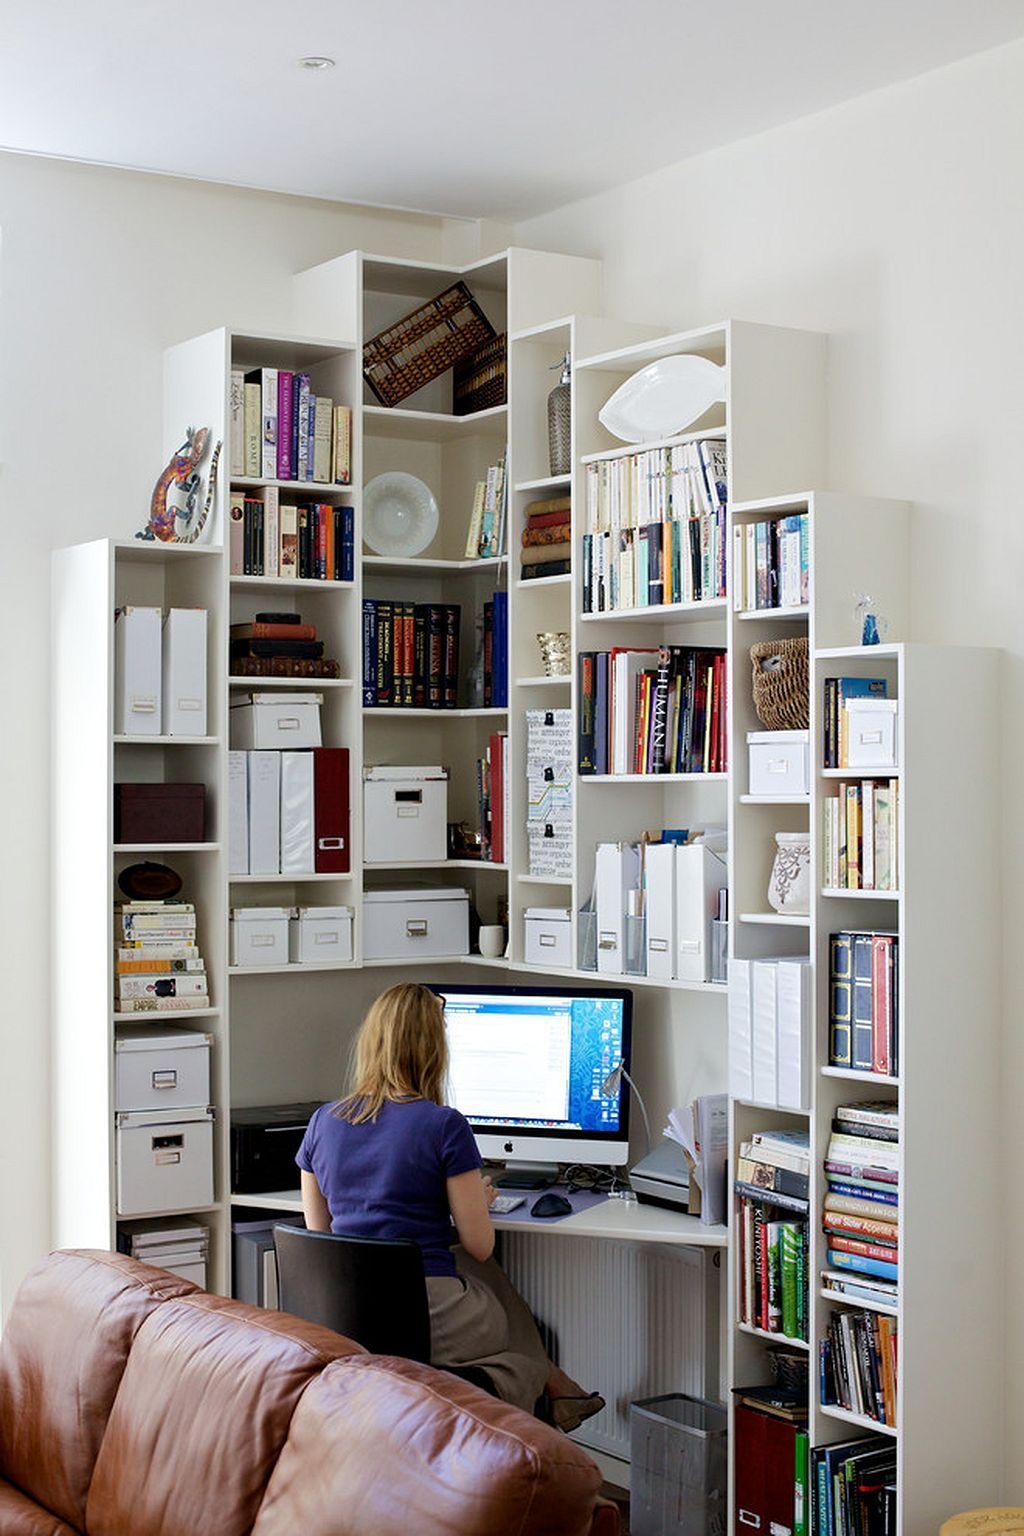 Pin von Modern House auf Other | Pinterest